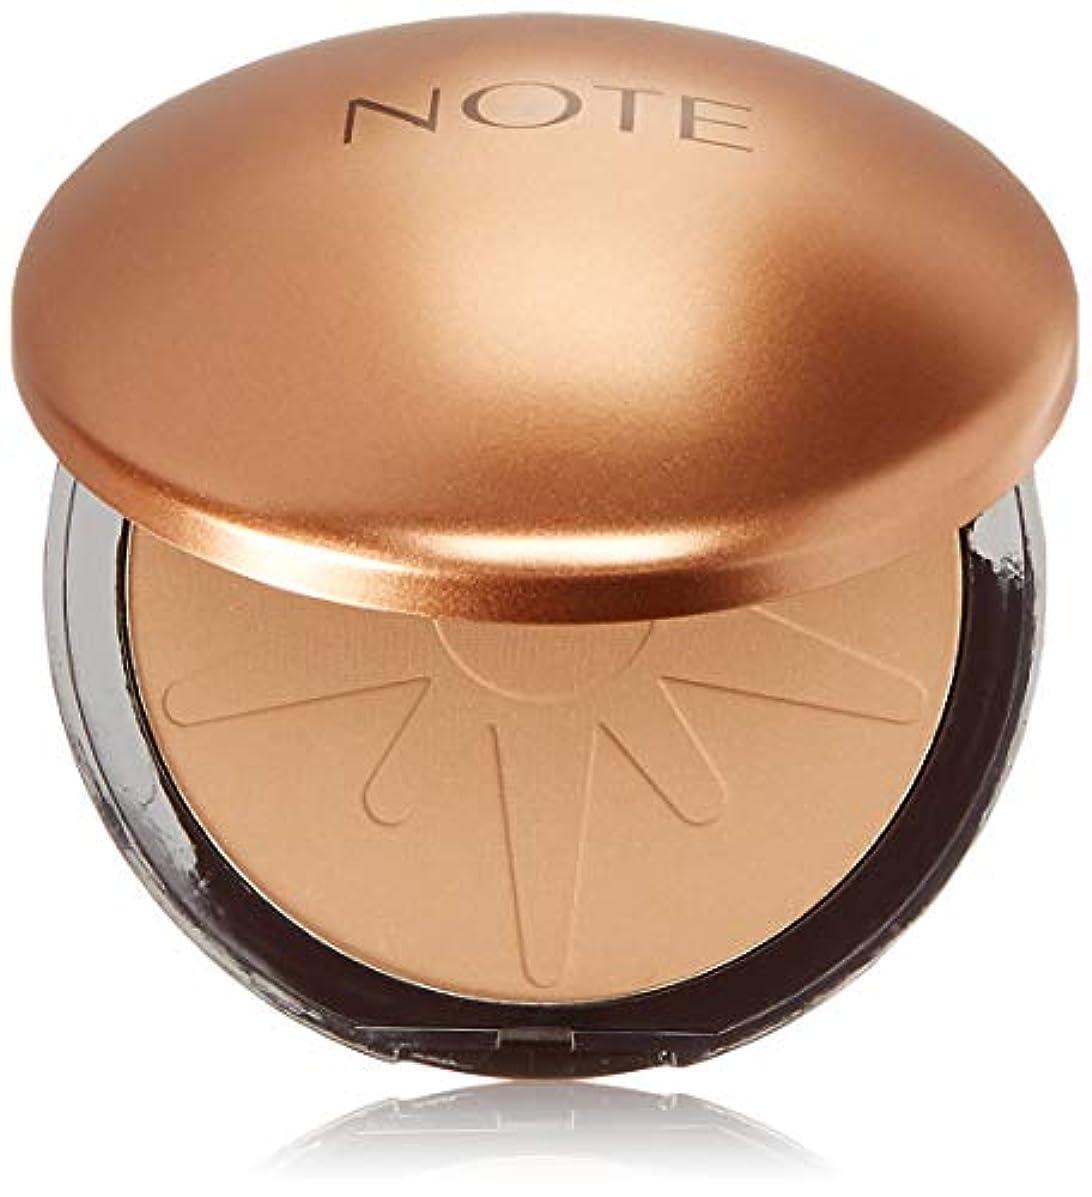 対遠近法同封するNOTE Cosmetics ブロンジングパウダー、1.1オンス 10号